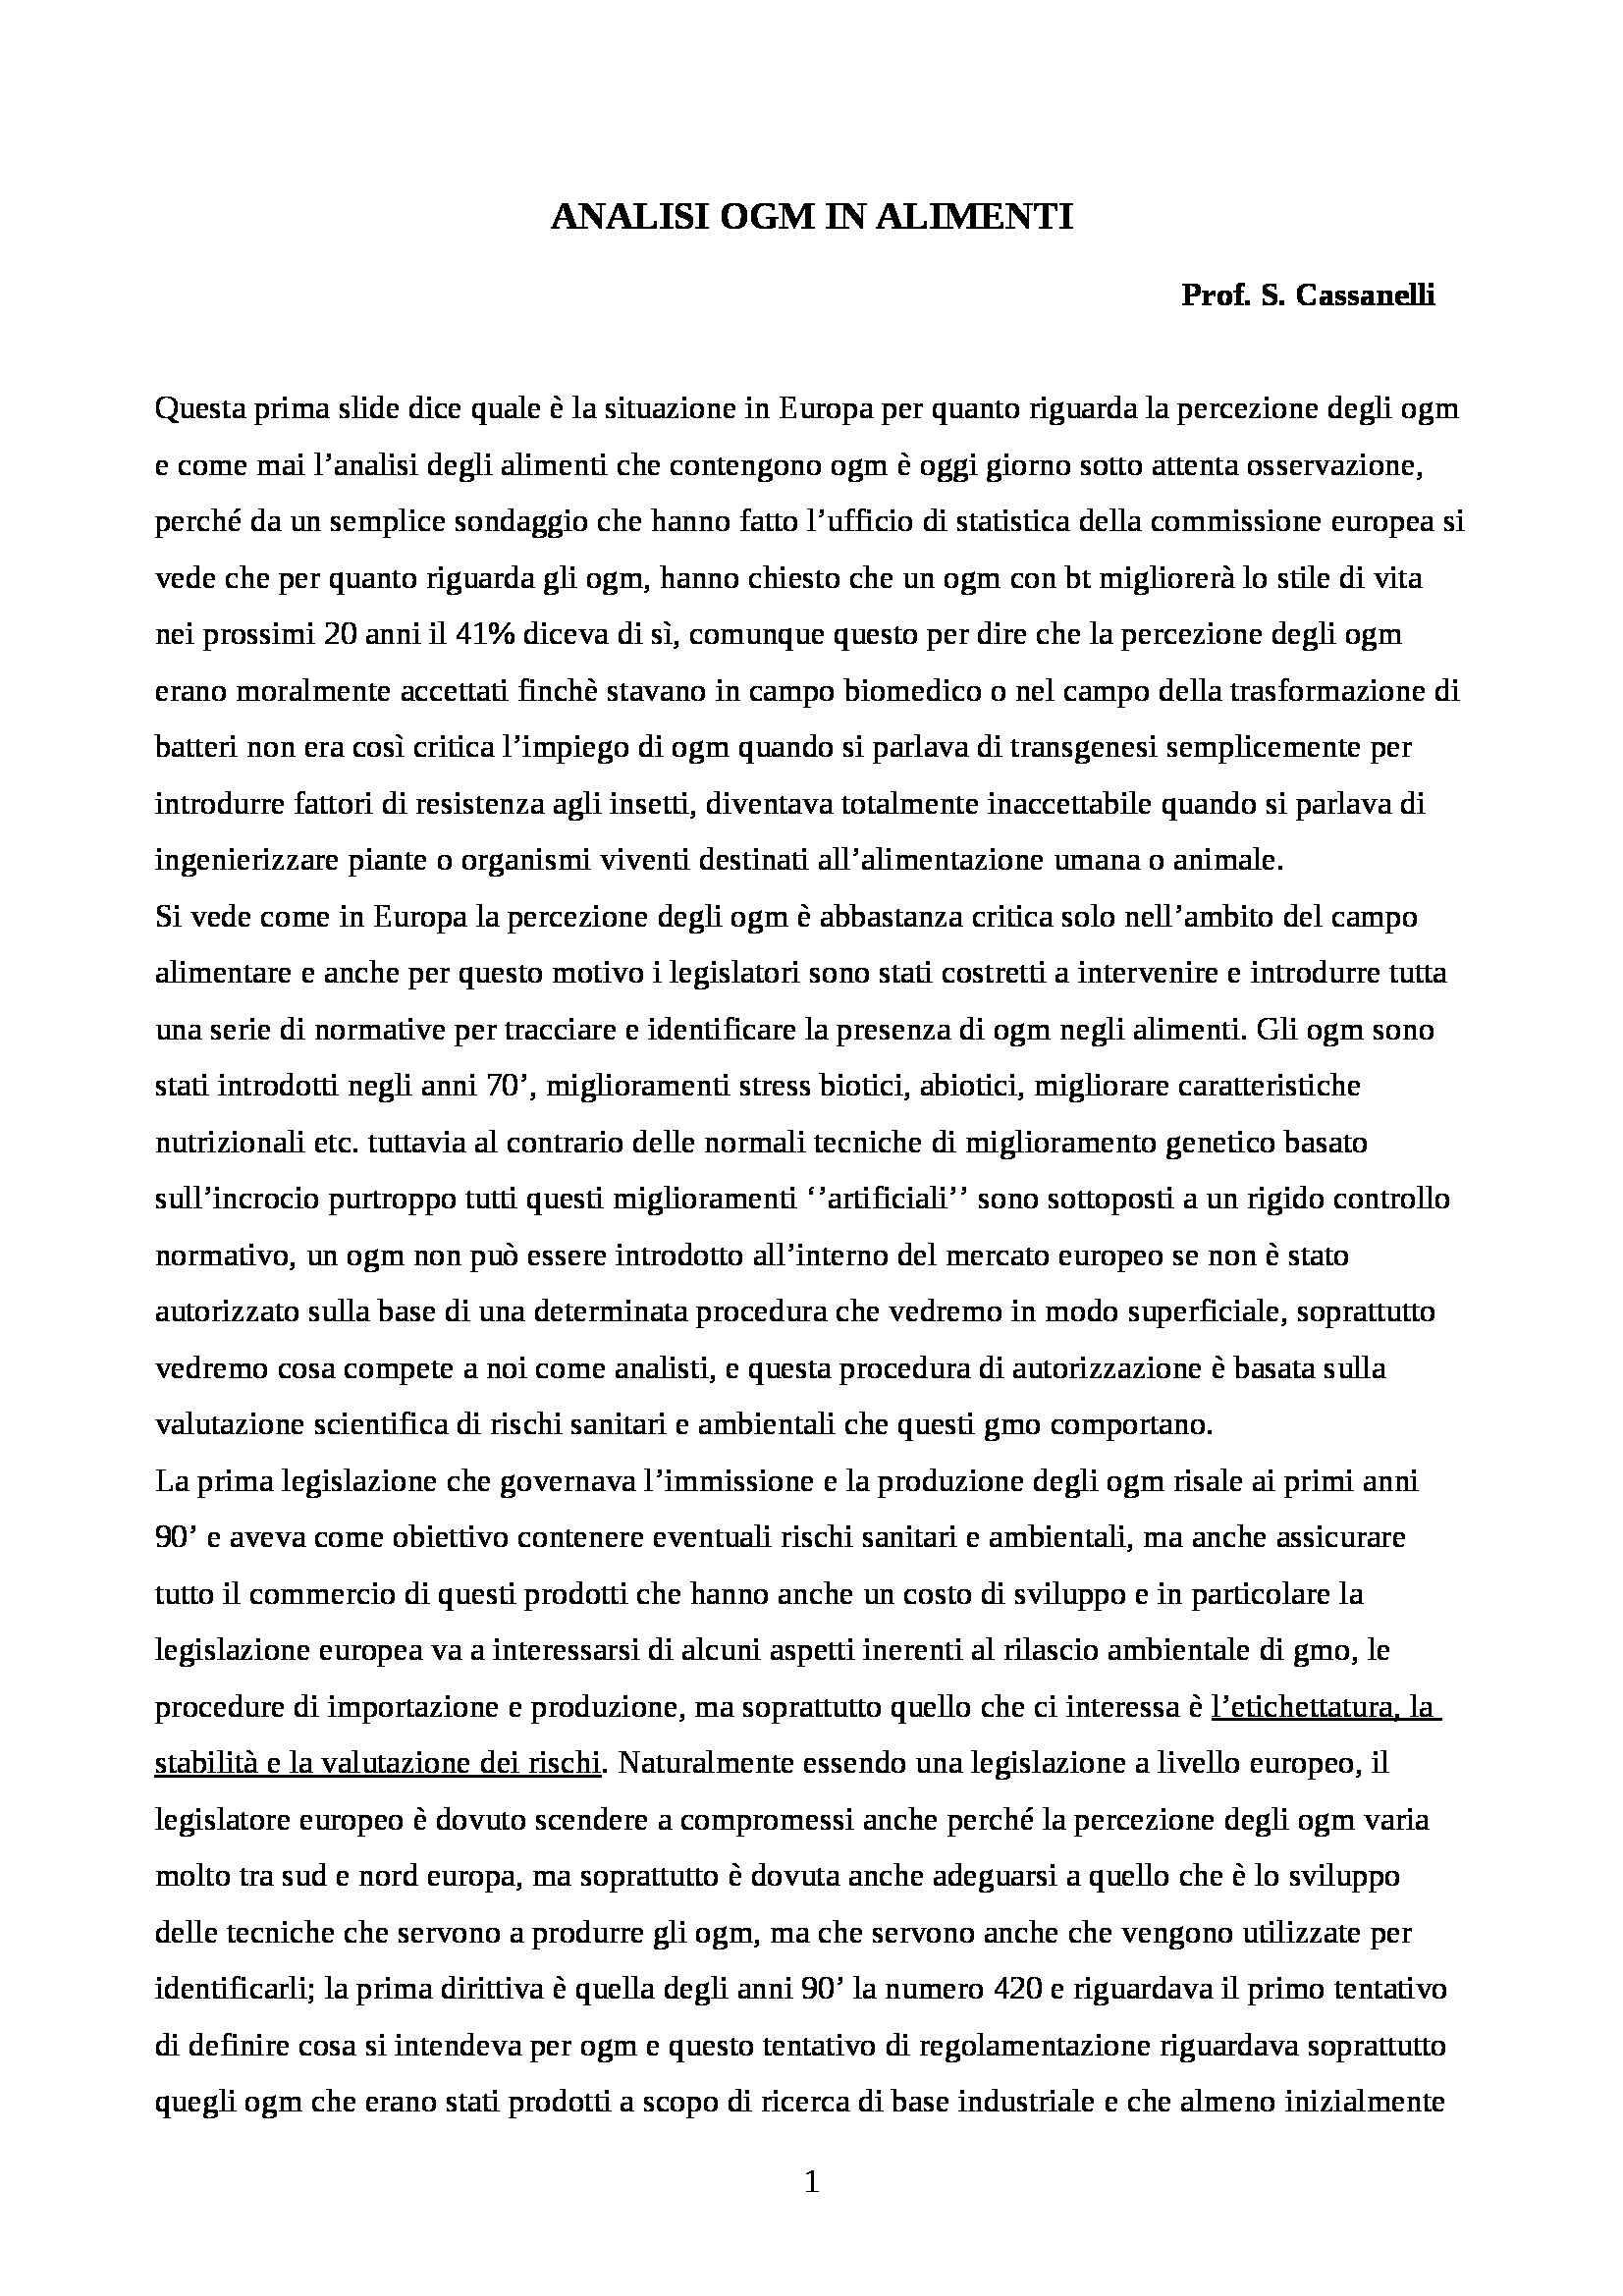 appunto S. Cassanelli Analisi degli OGM in alimenti